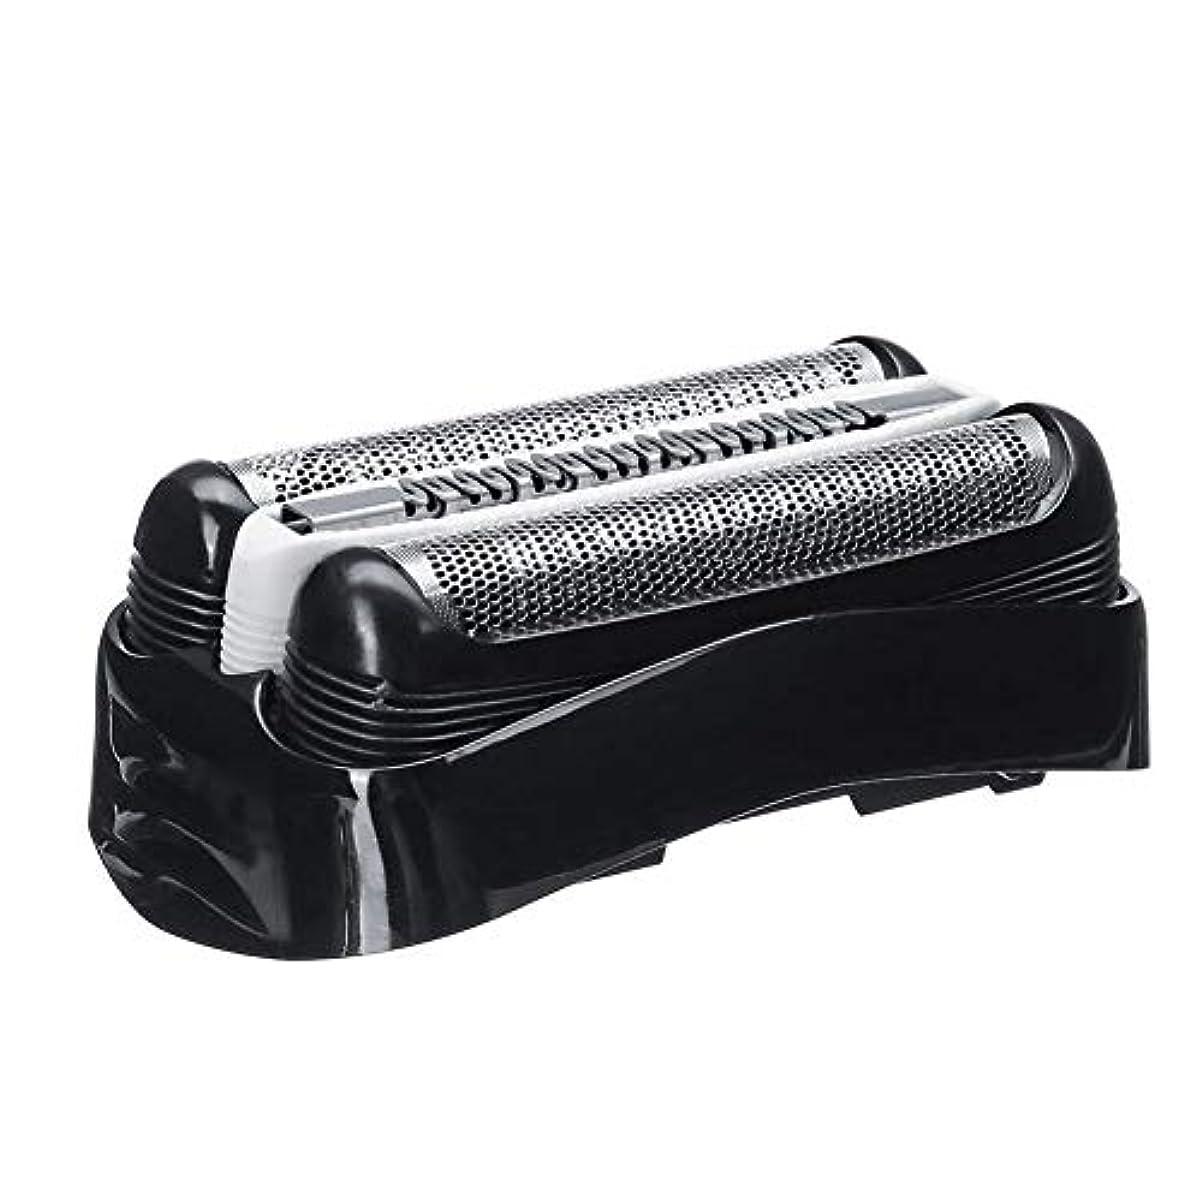 魅了するブロック覗くhopefull シェーバー替刃 メンズシェーバー用 セット刃 シェーバー交換部品 電気シェーバー交換ヘッドカミソリアクセサリ for Braun 3 series lovable